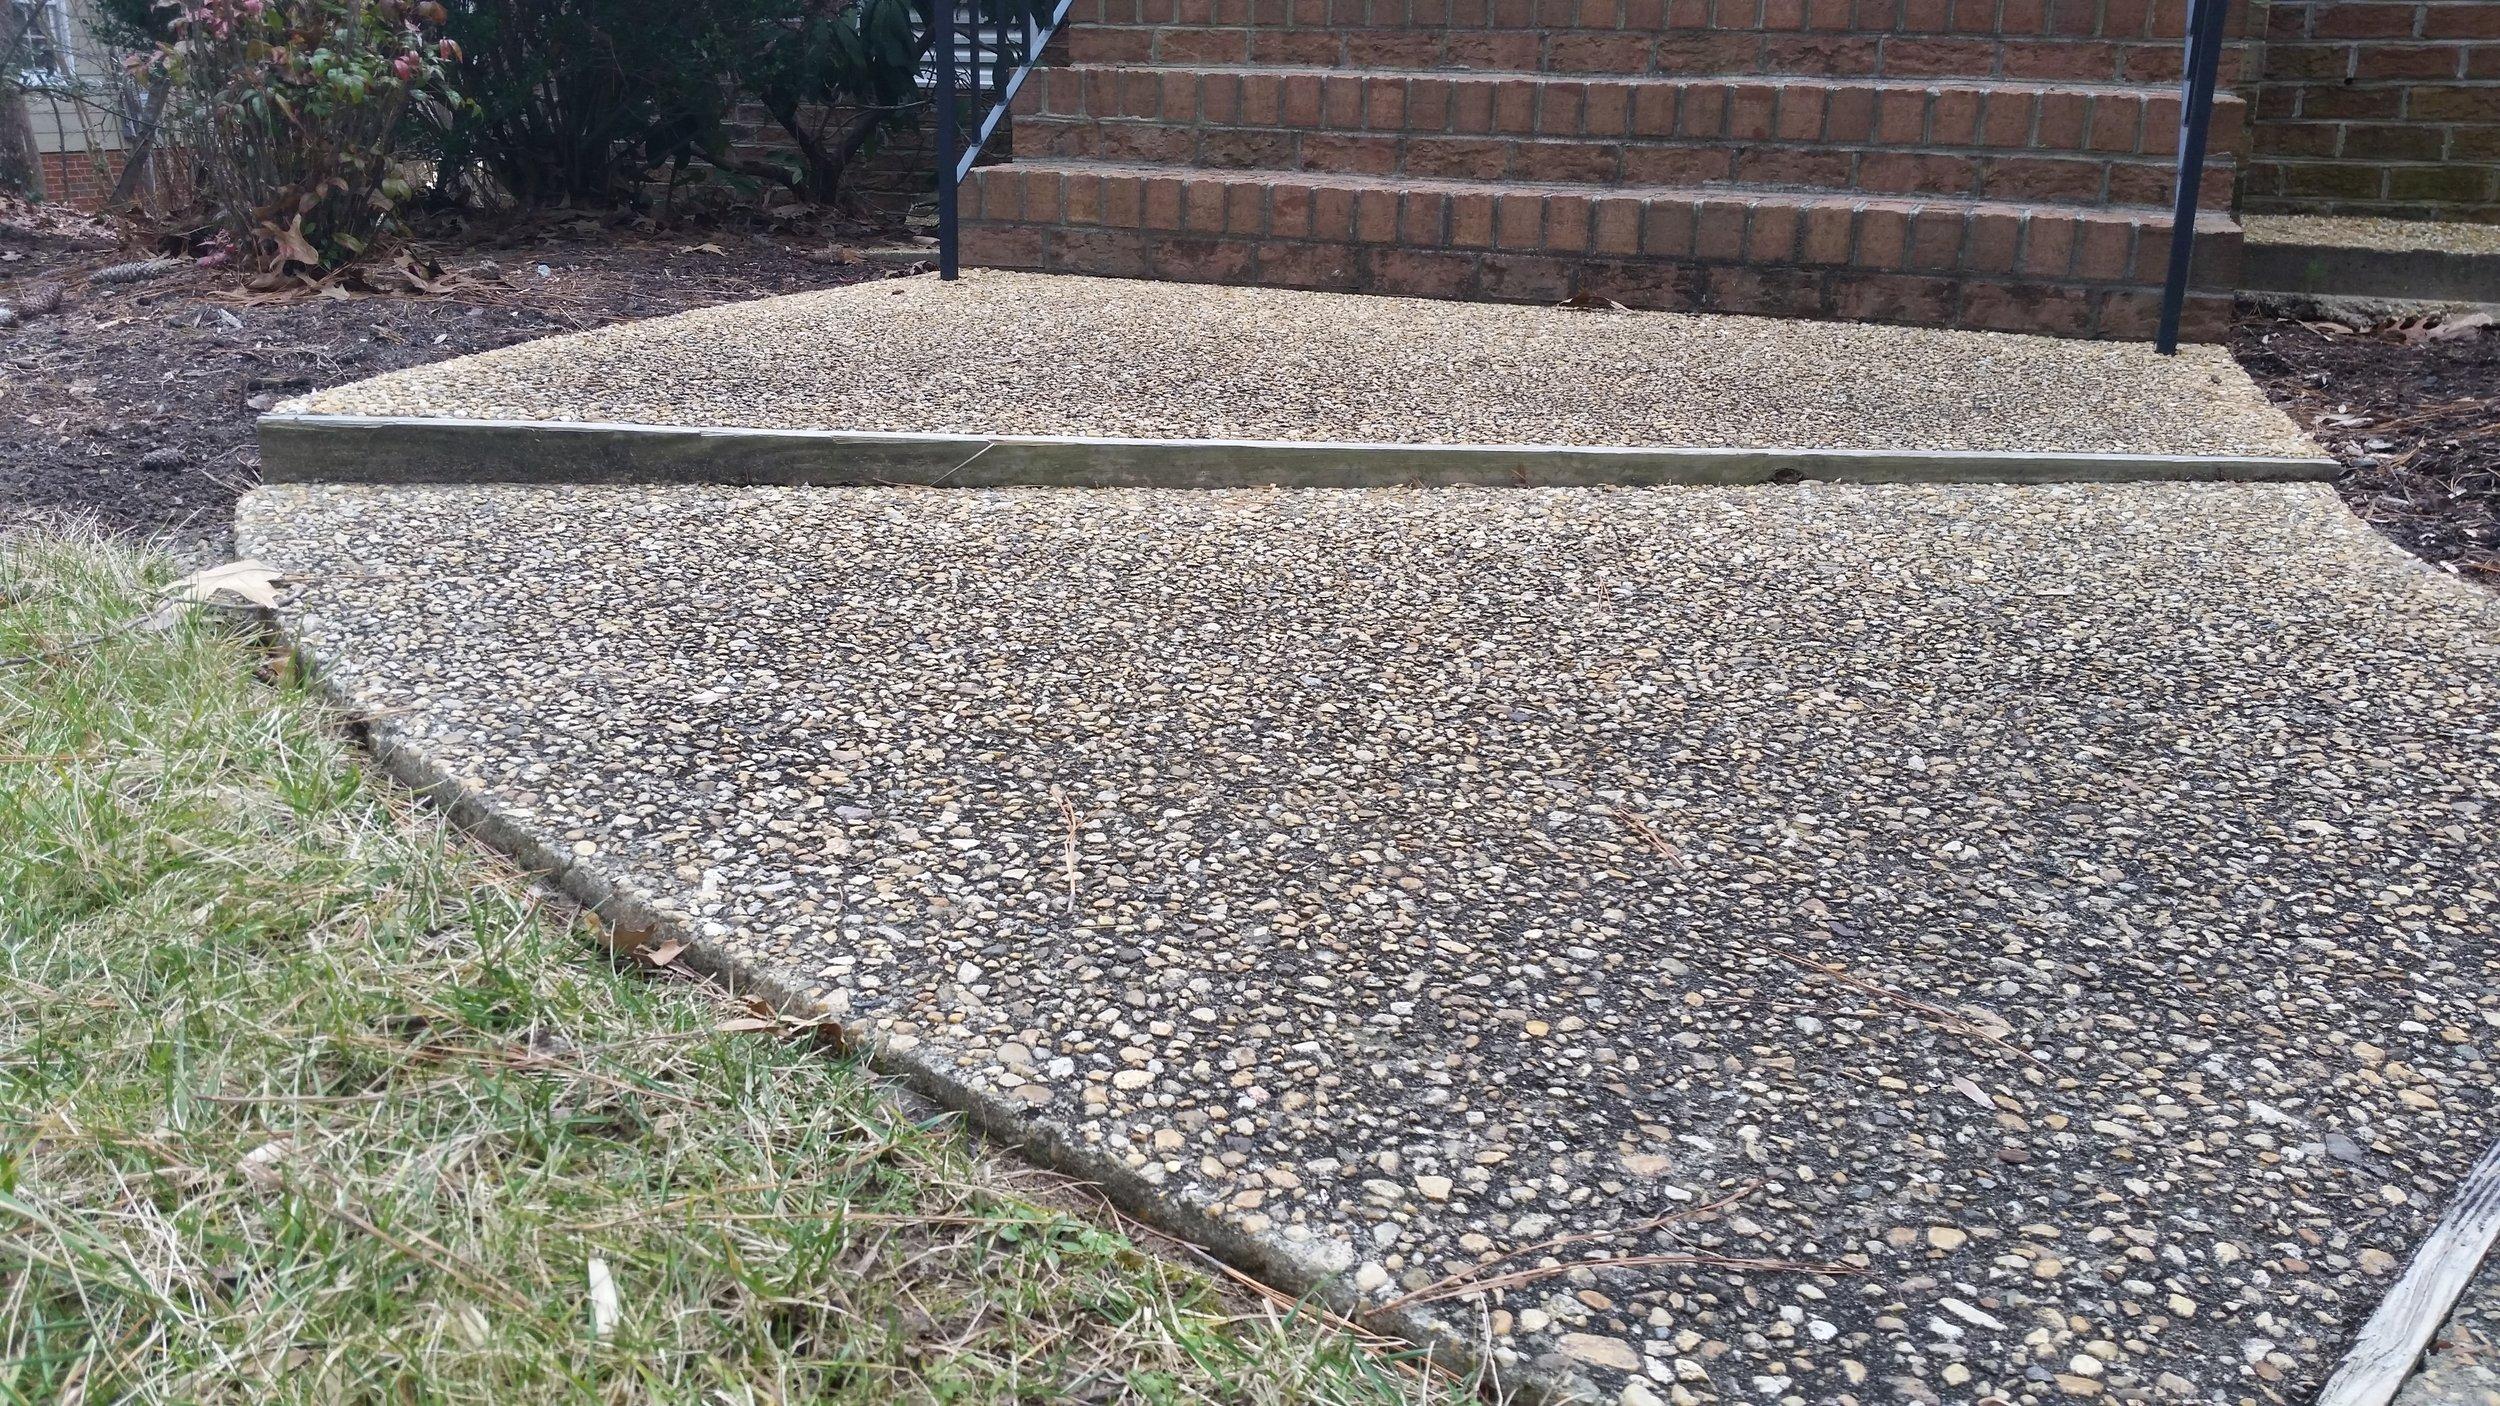 uneven_sidewalk_concrete.jpg